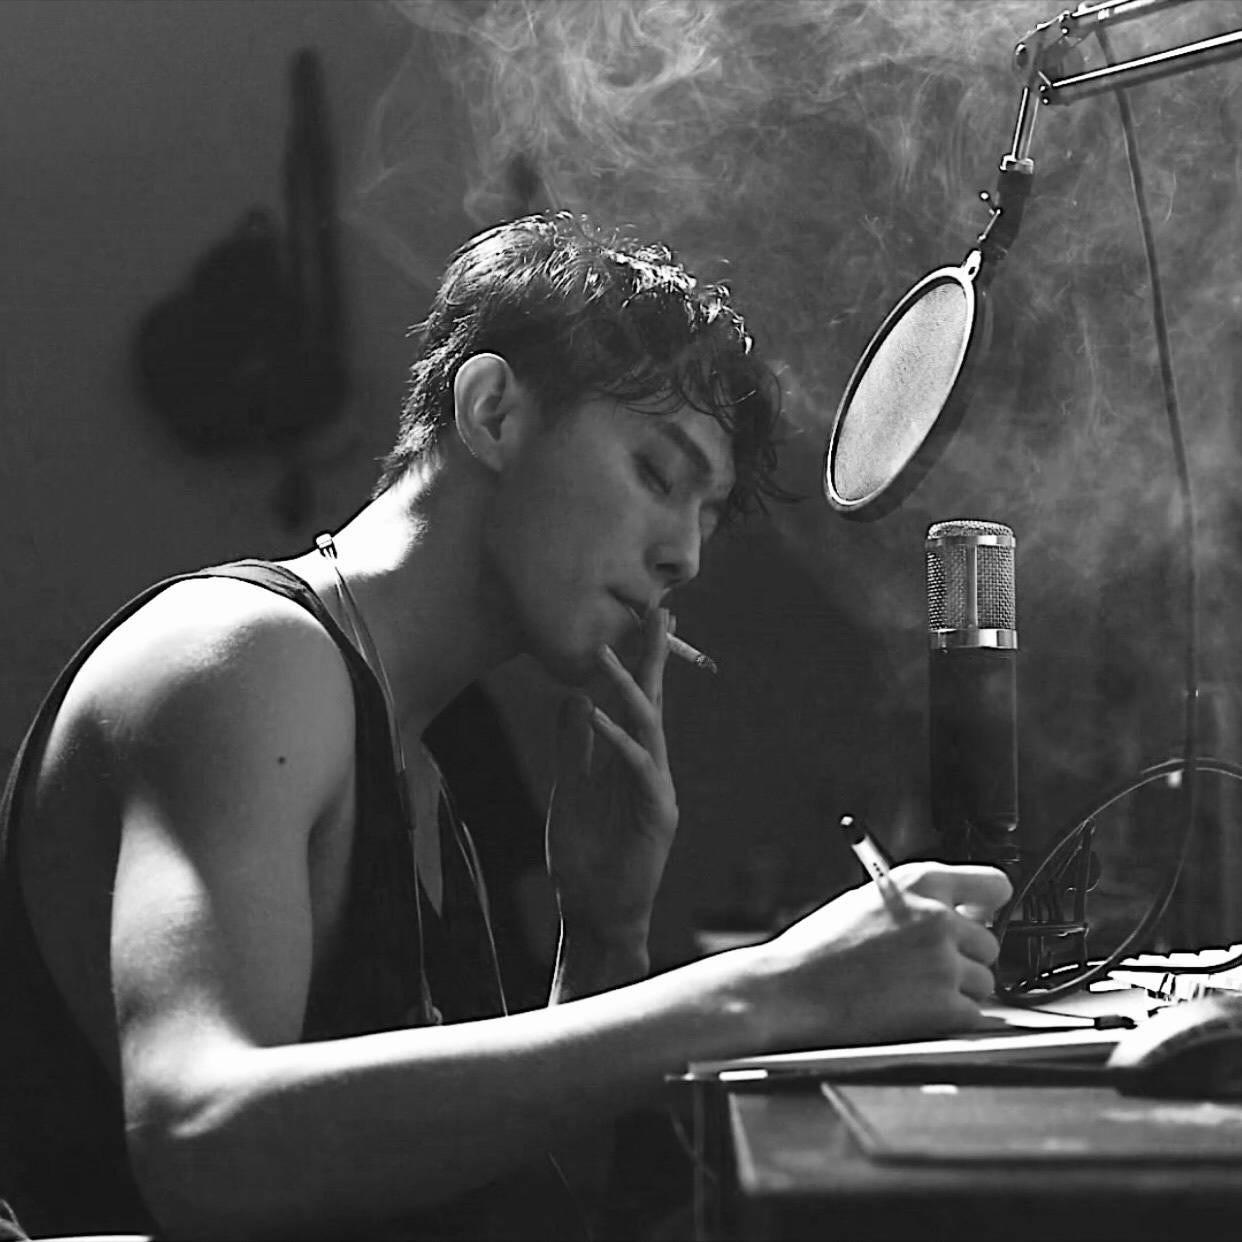 19岁帅哥图片小鲜肉抽烟黑白唯美写真